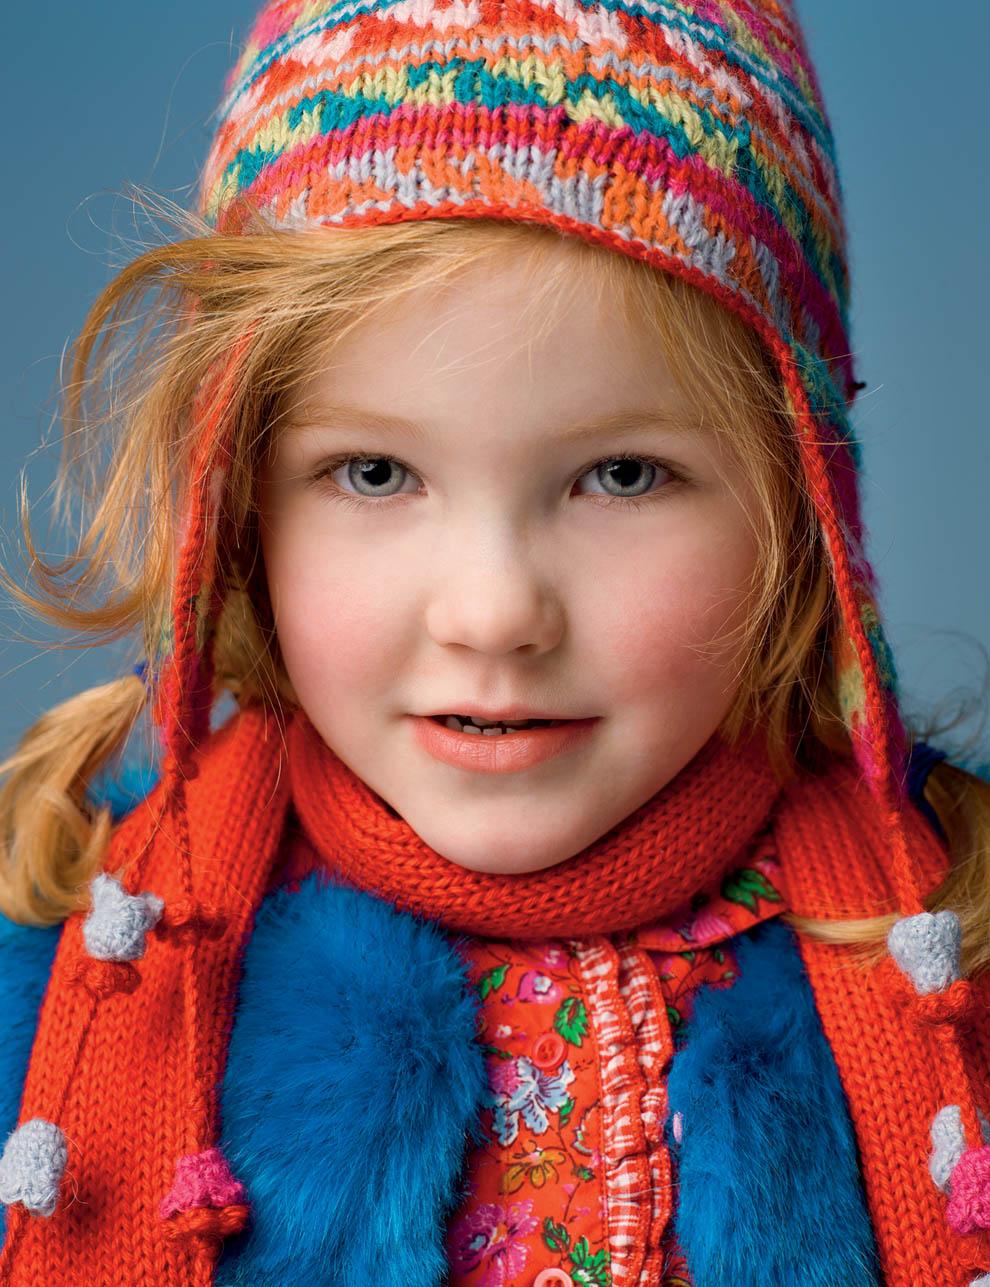 Moda de Ropa para Niños: Moda Infantil Francesa Invierno 2012